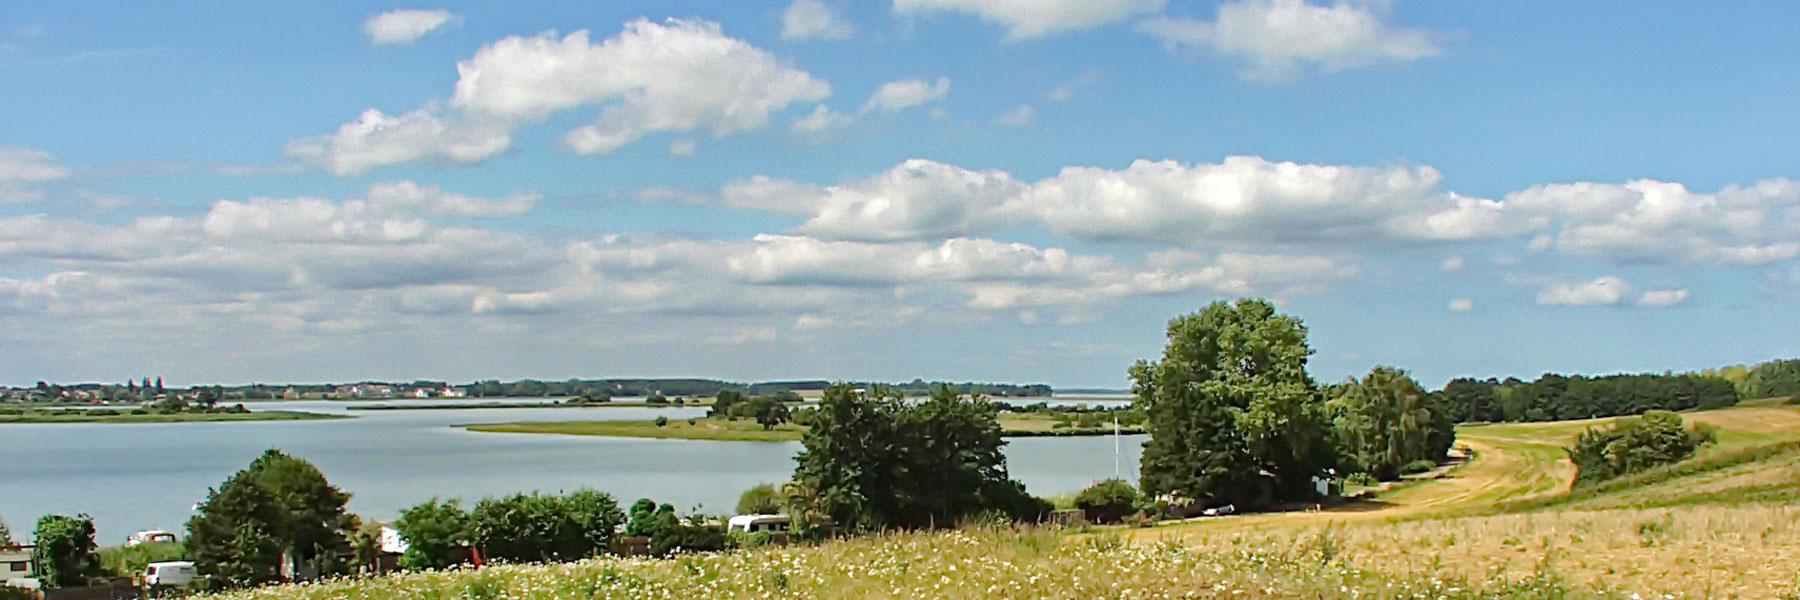 Achterwasser - Ferienapartments und Seminarhaus Heringsdorf